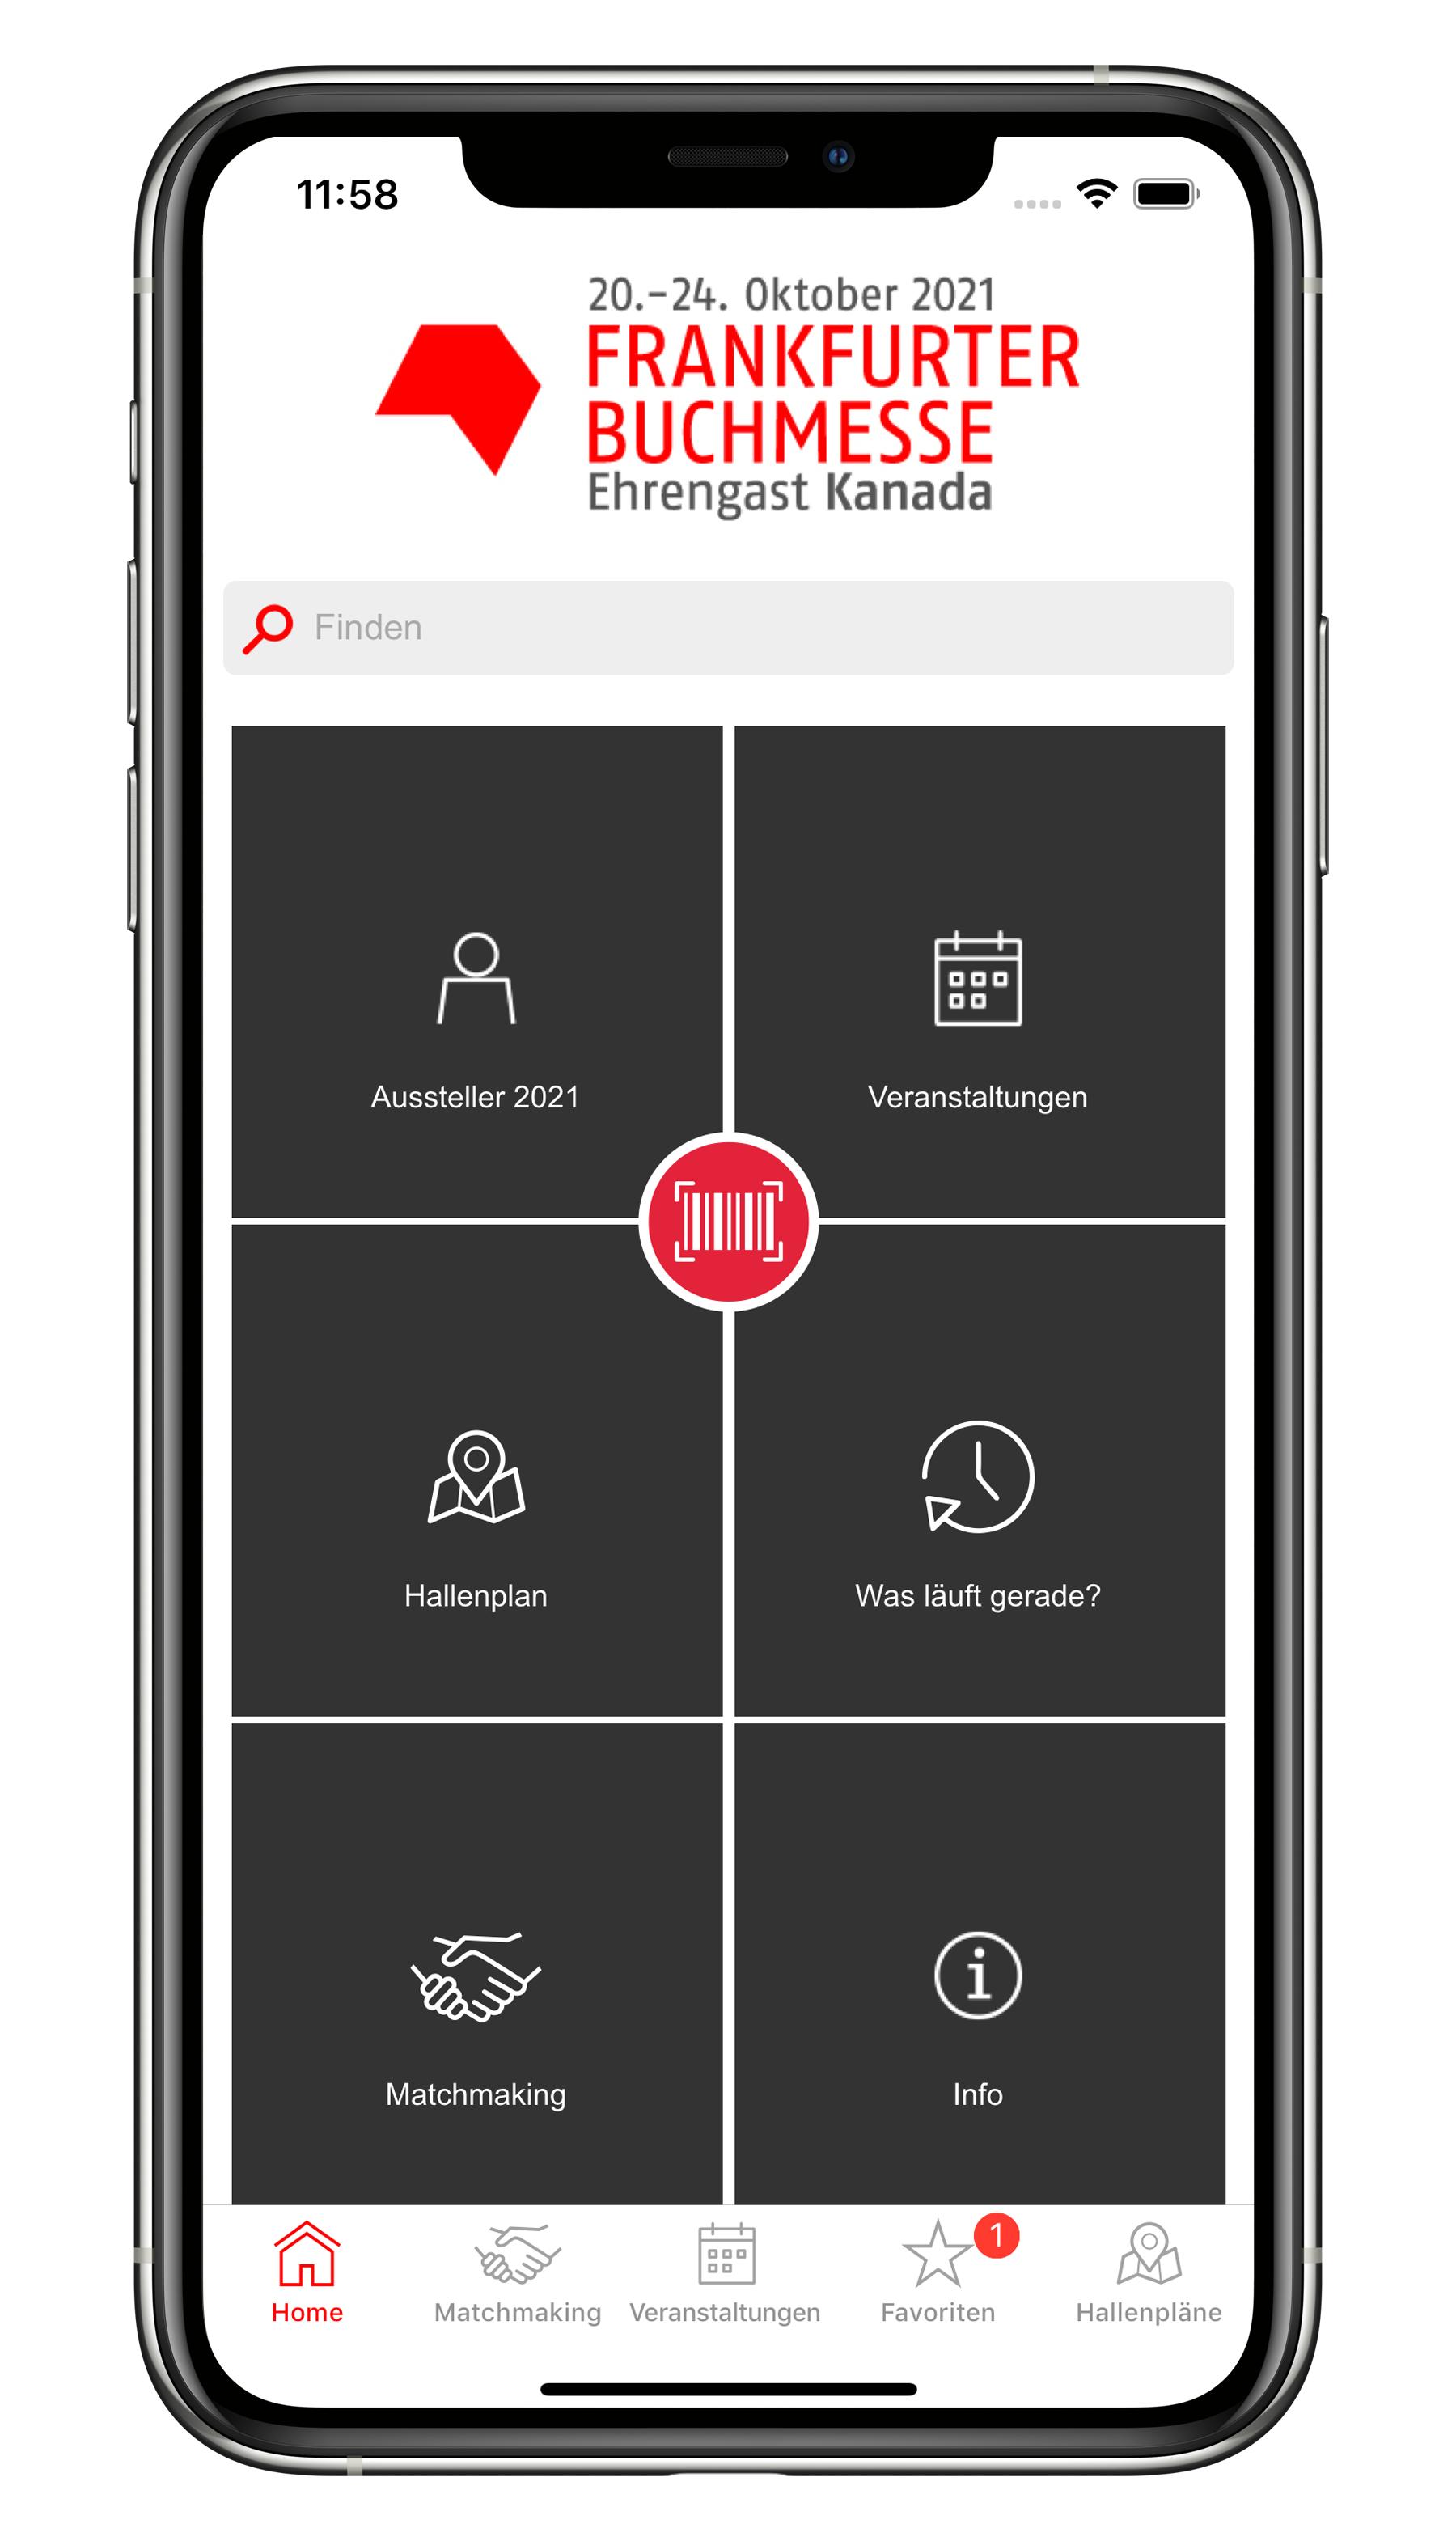 Frankfurter Buchmesse App 2021 und digitales Matchmaking